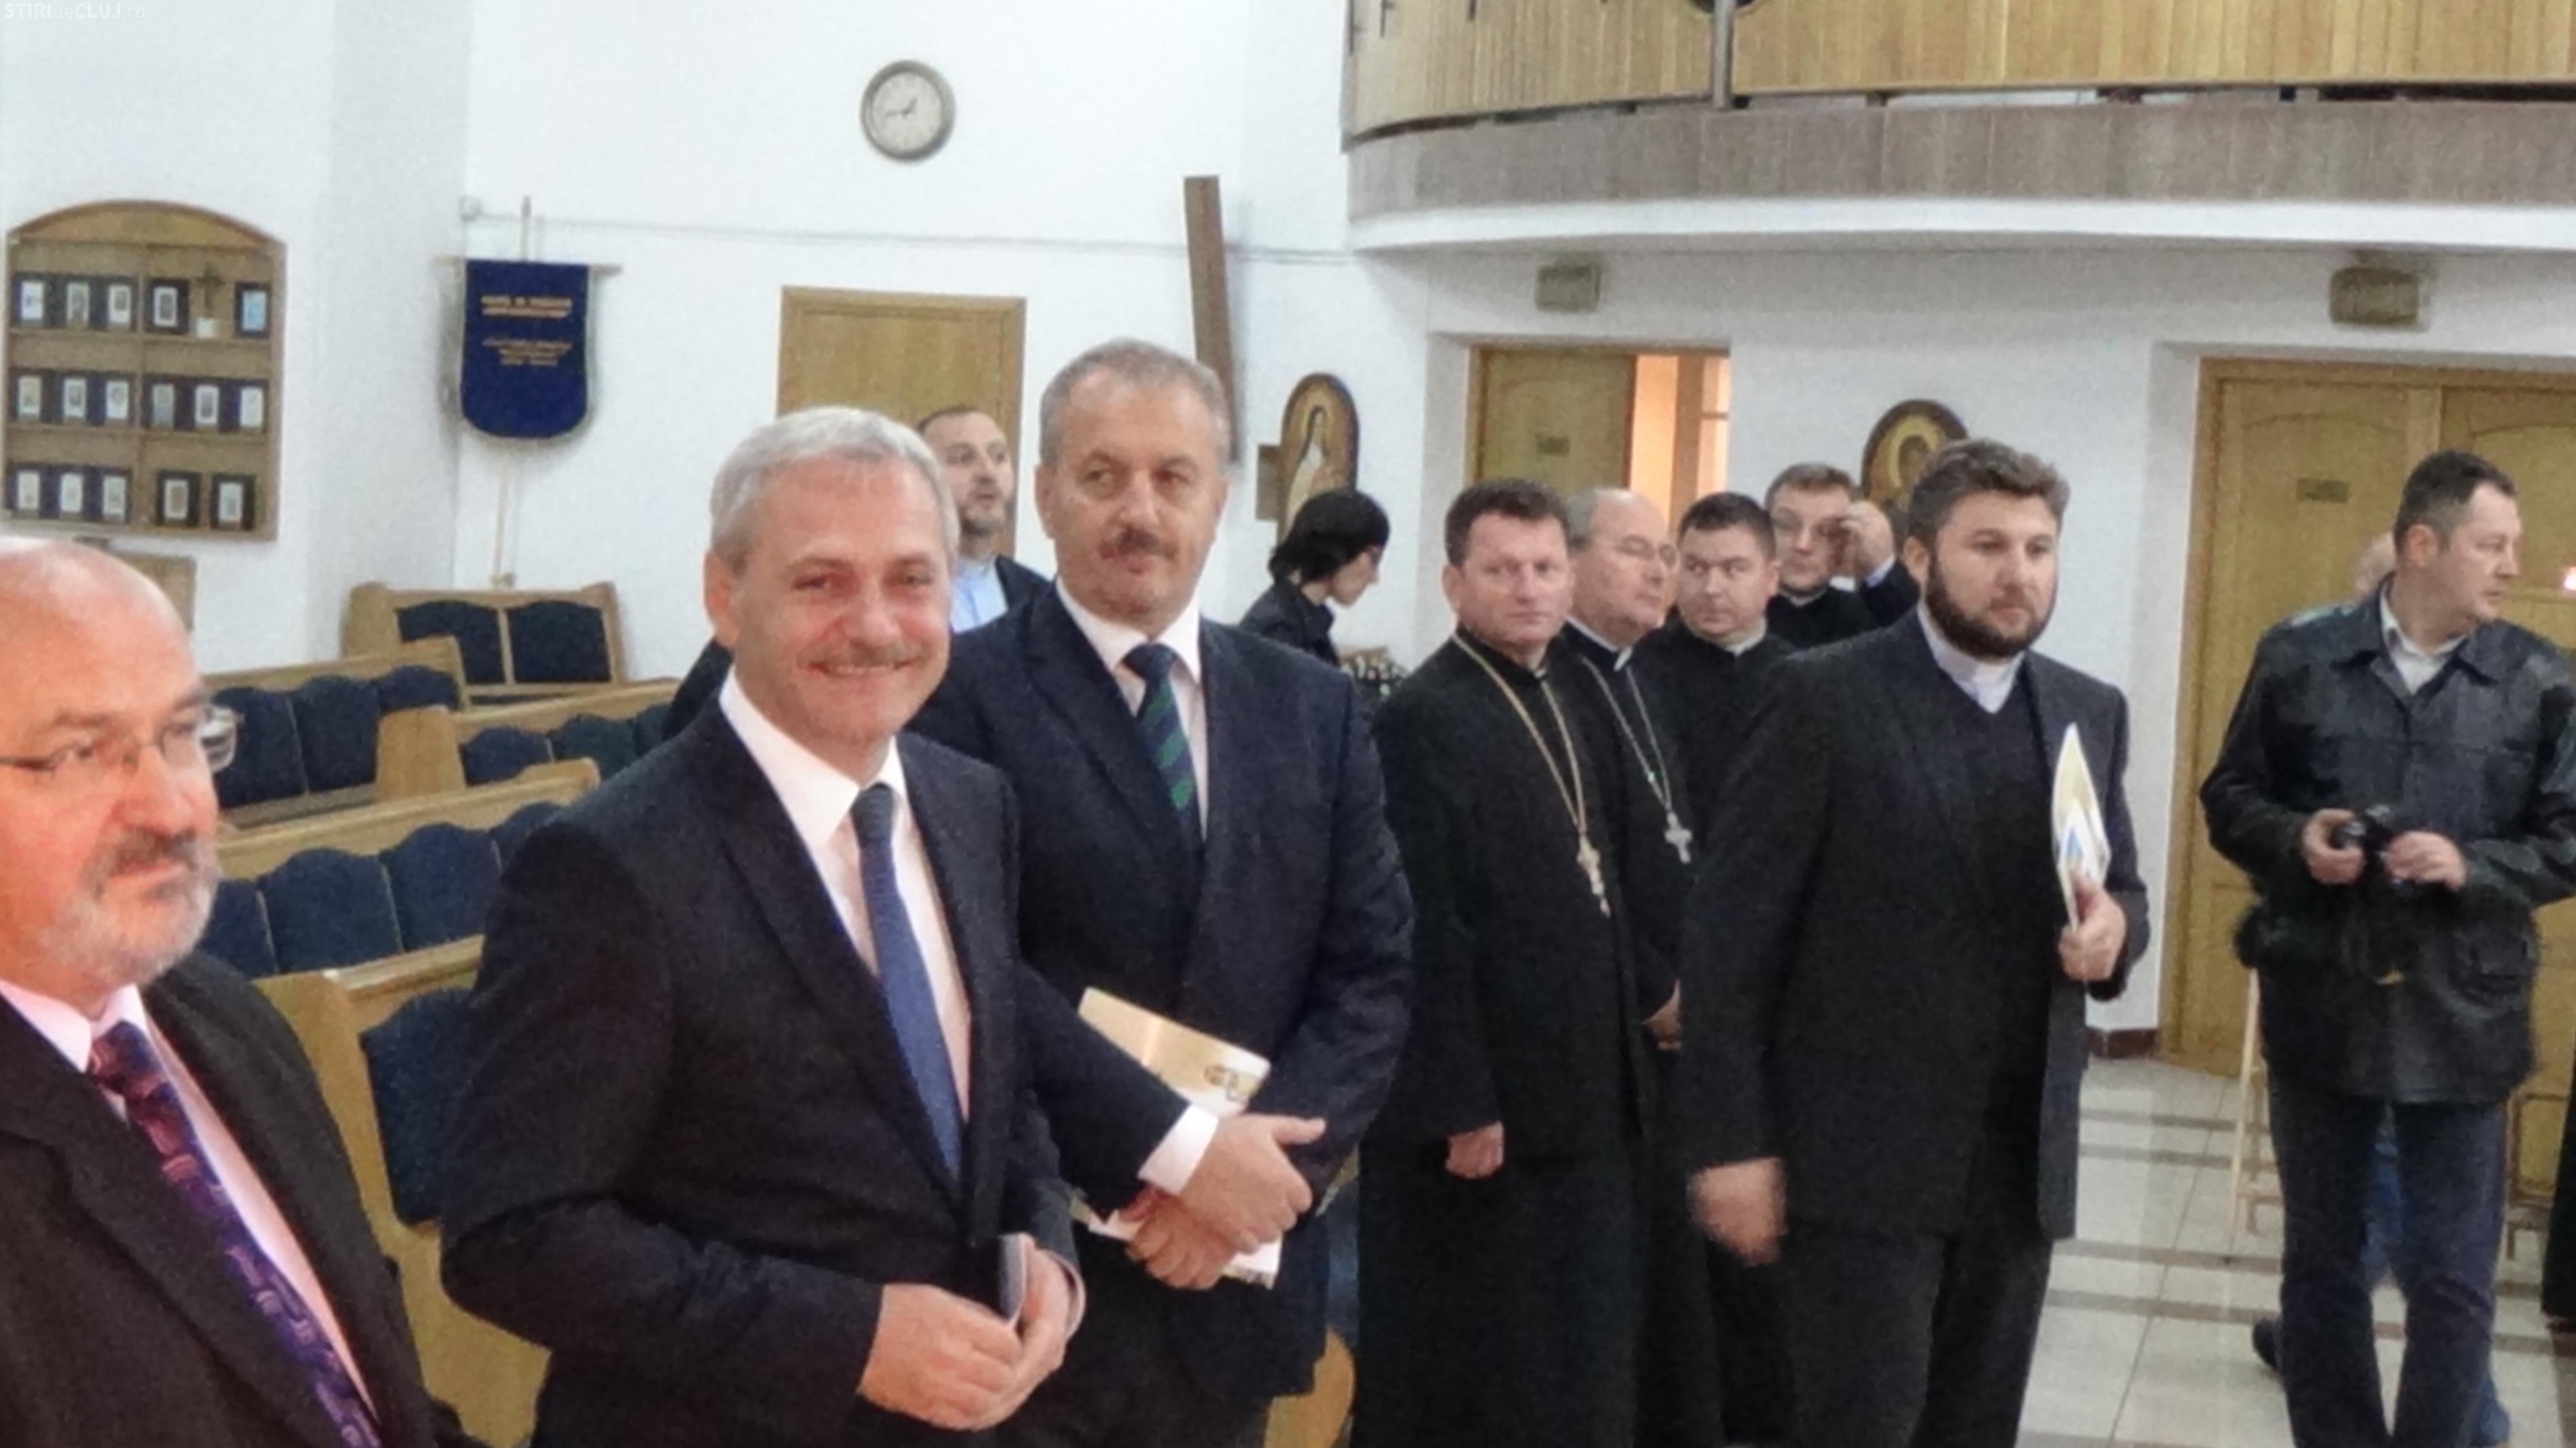 Liviu Dragnea despre catedrala din Piața Cipariu: Guvernul va sprijini construcția! Clujul e un MODEL